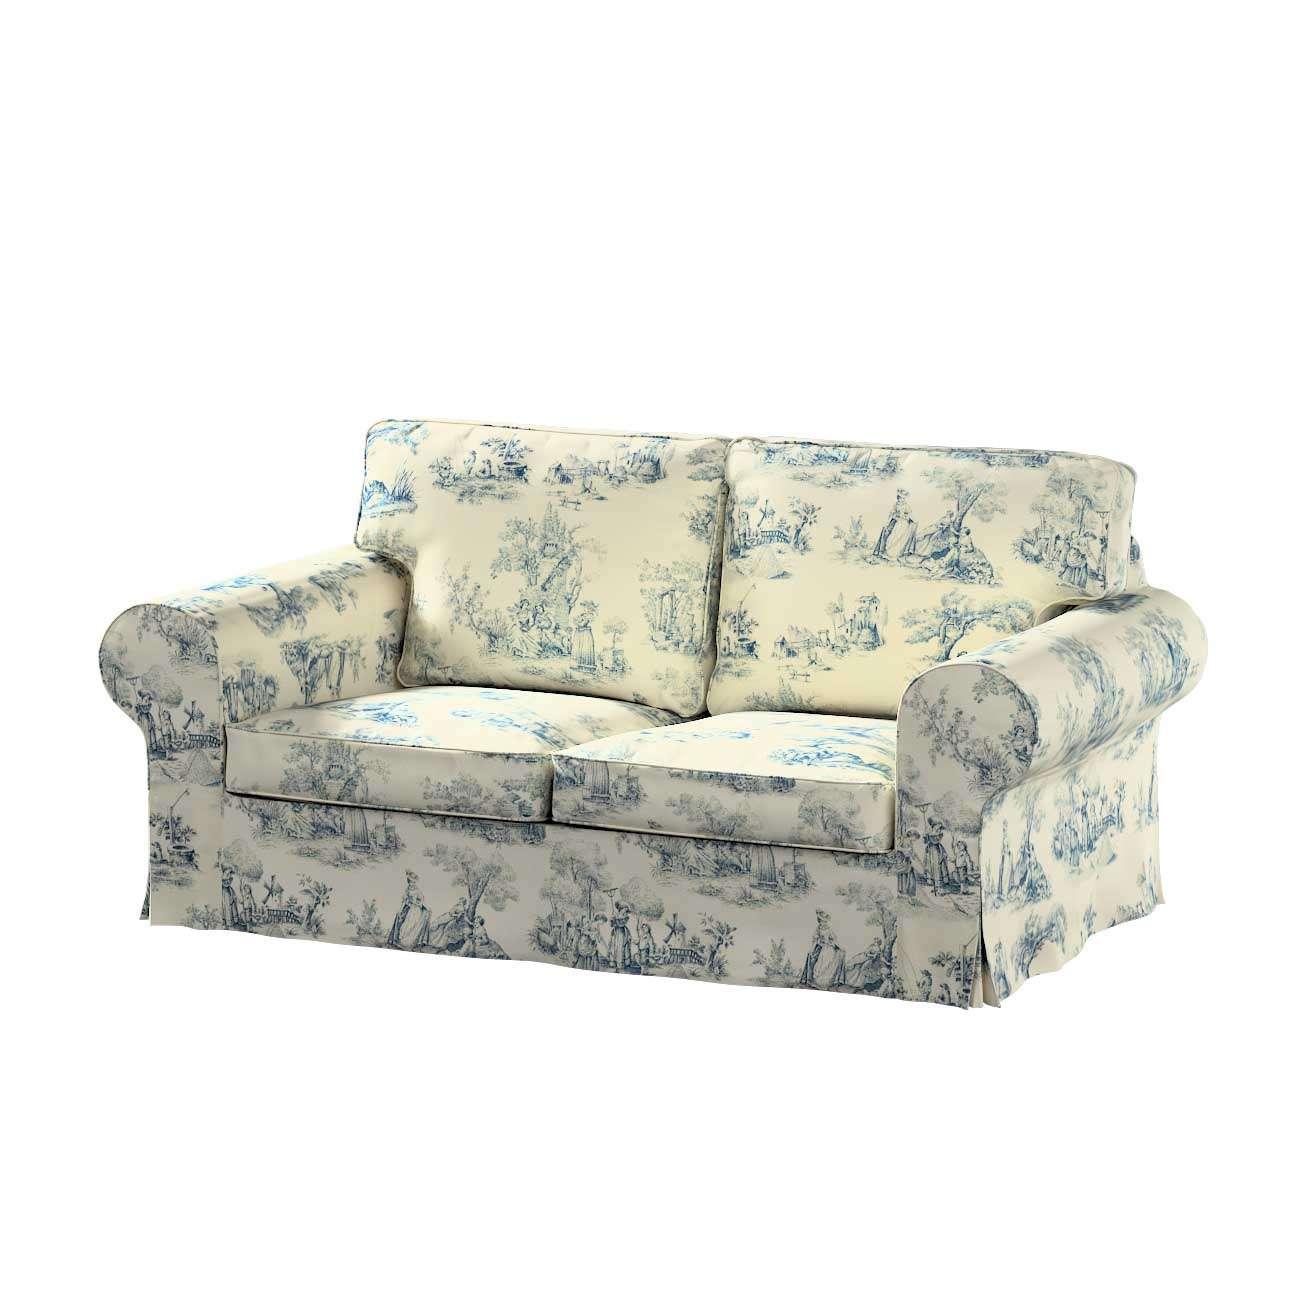 Pokrowiec na sofę Ektorp 2-osobową, rozkładaną, model do 2012 w kolekcji Avinon, tkanina: 132-66